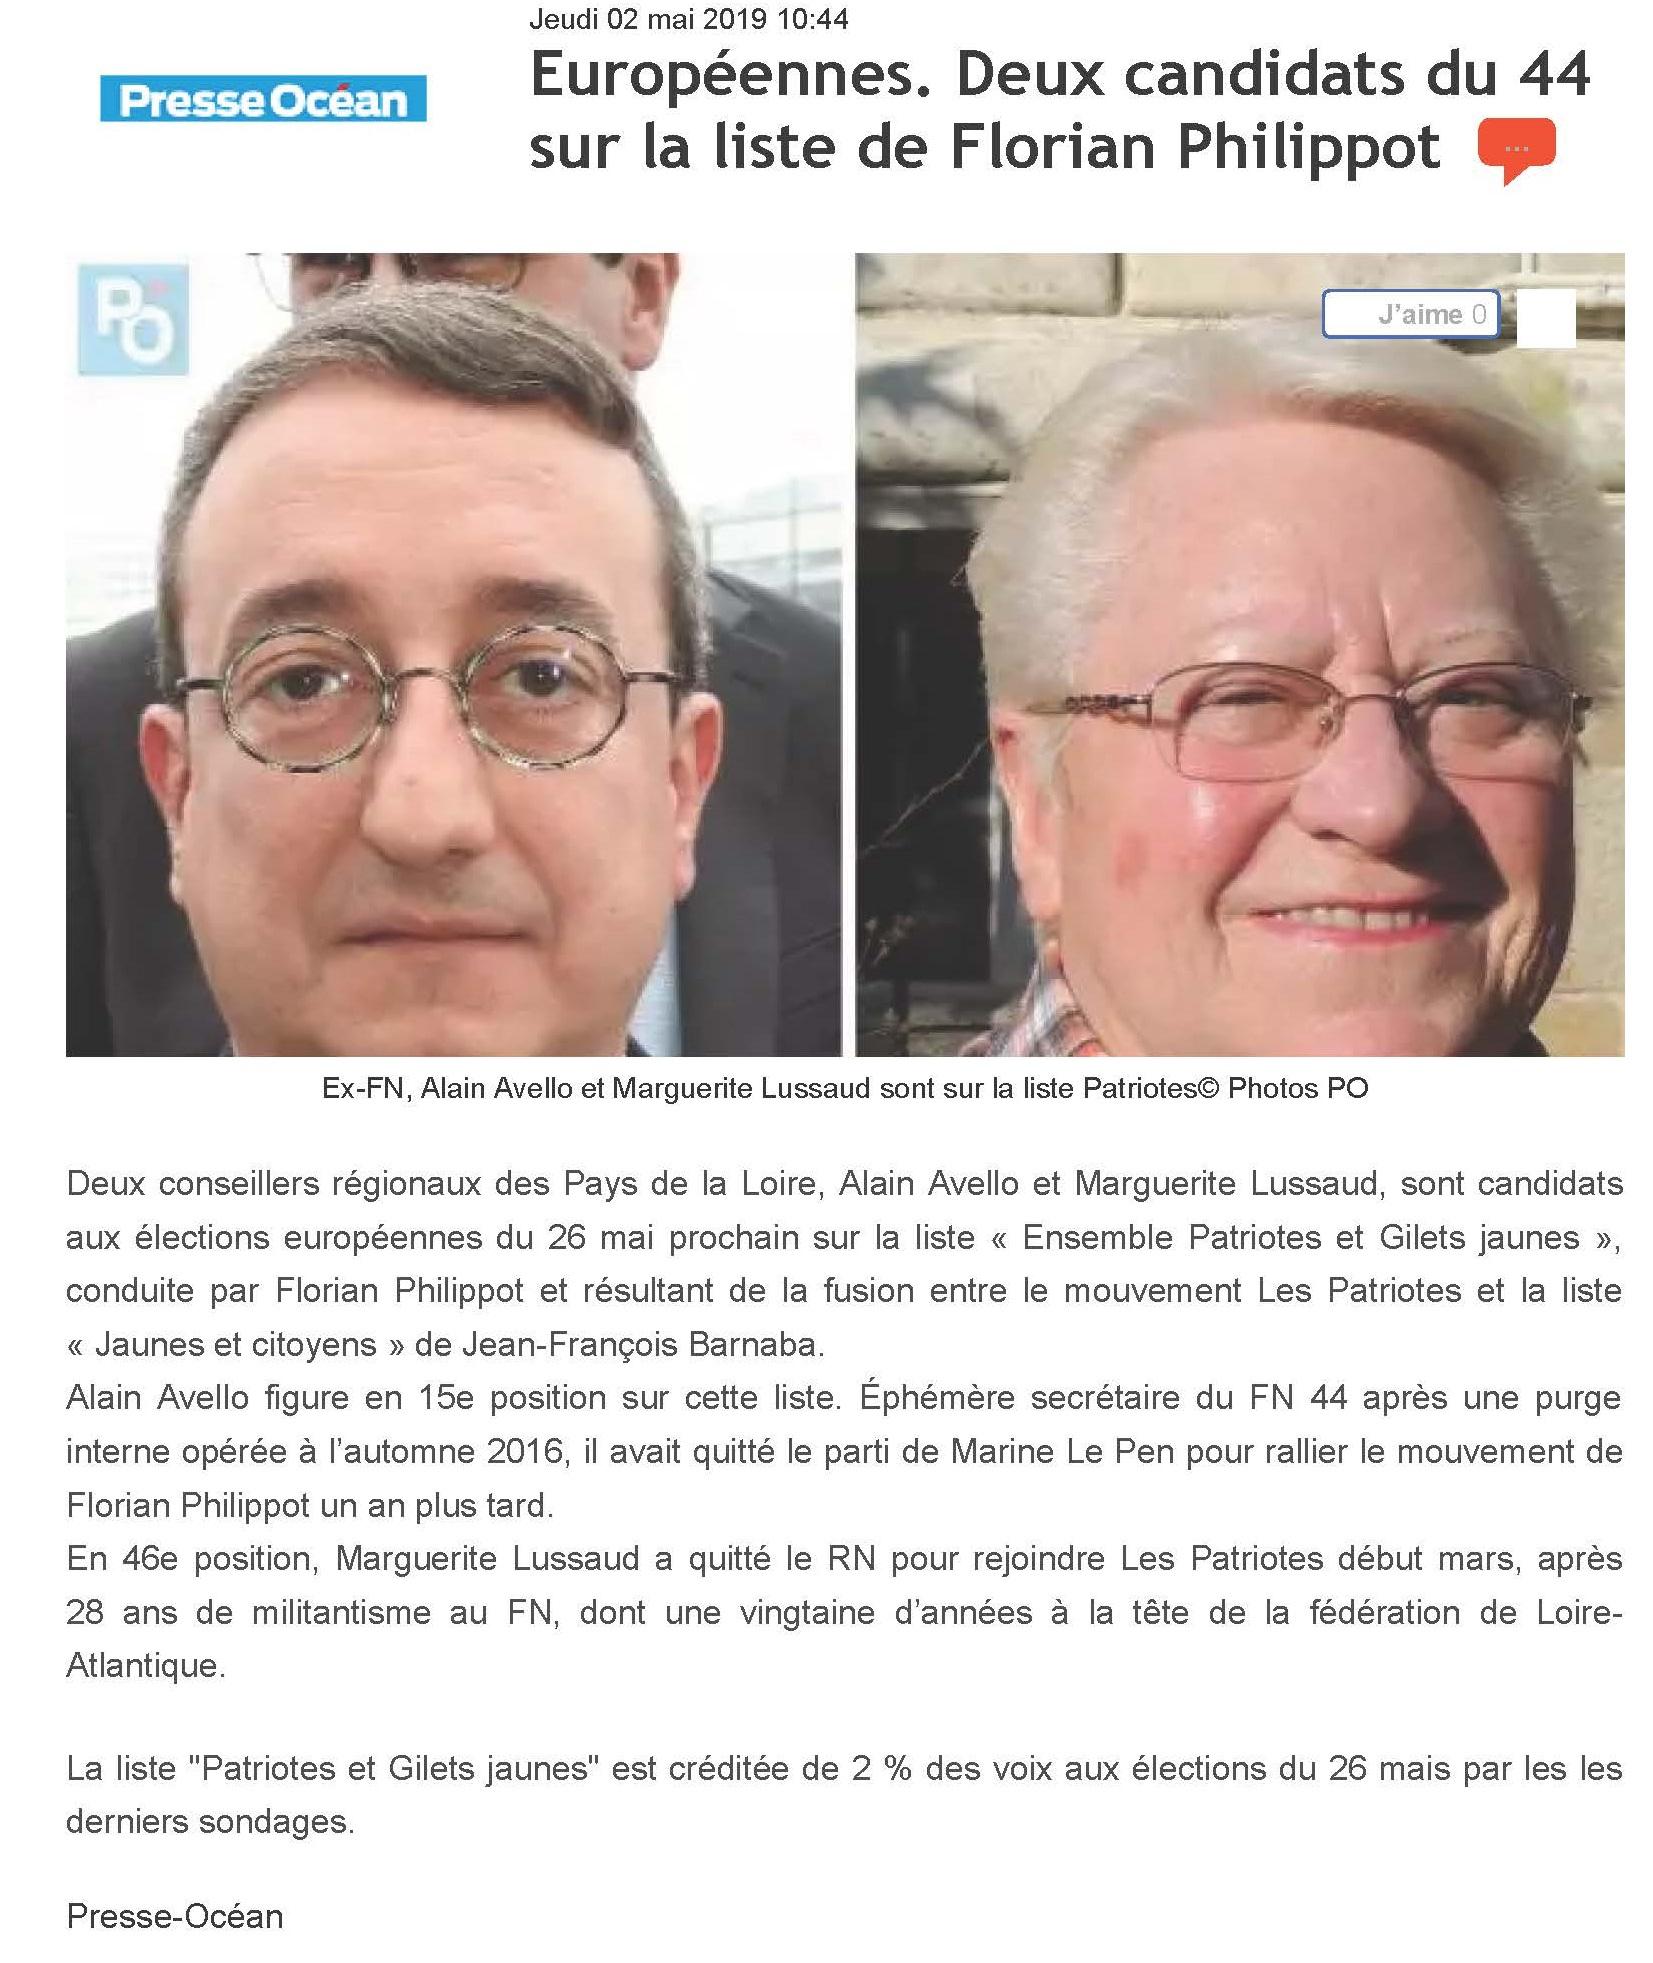 PO_02.05.19_Européennes. Deux candidats du 44 sur la liste de Florian Philippot - Nantes.maville.com_Page_1